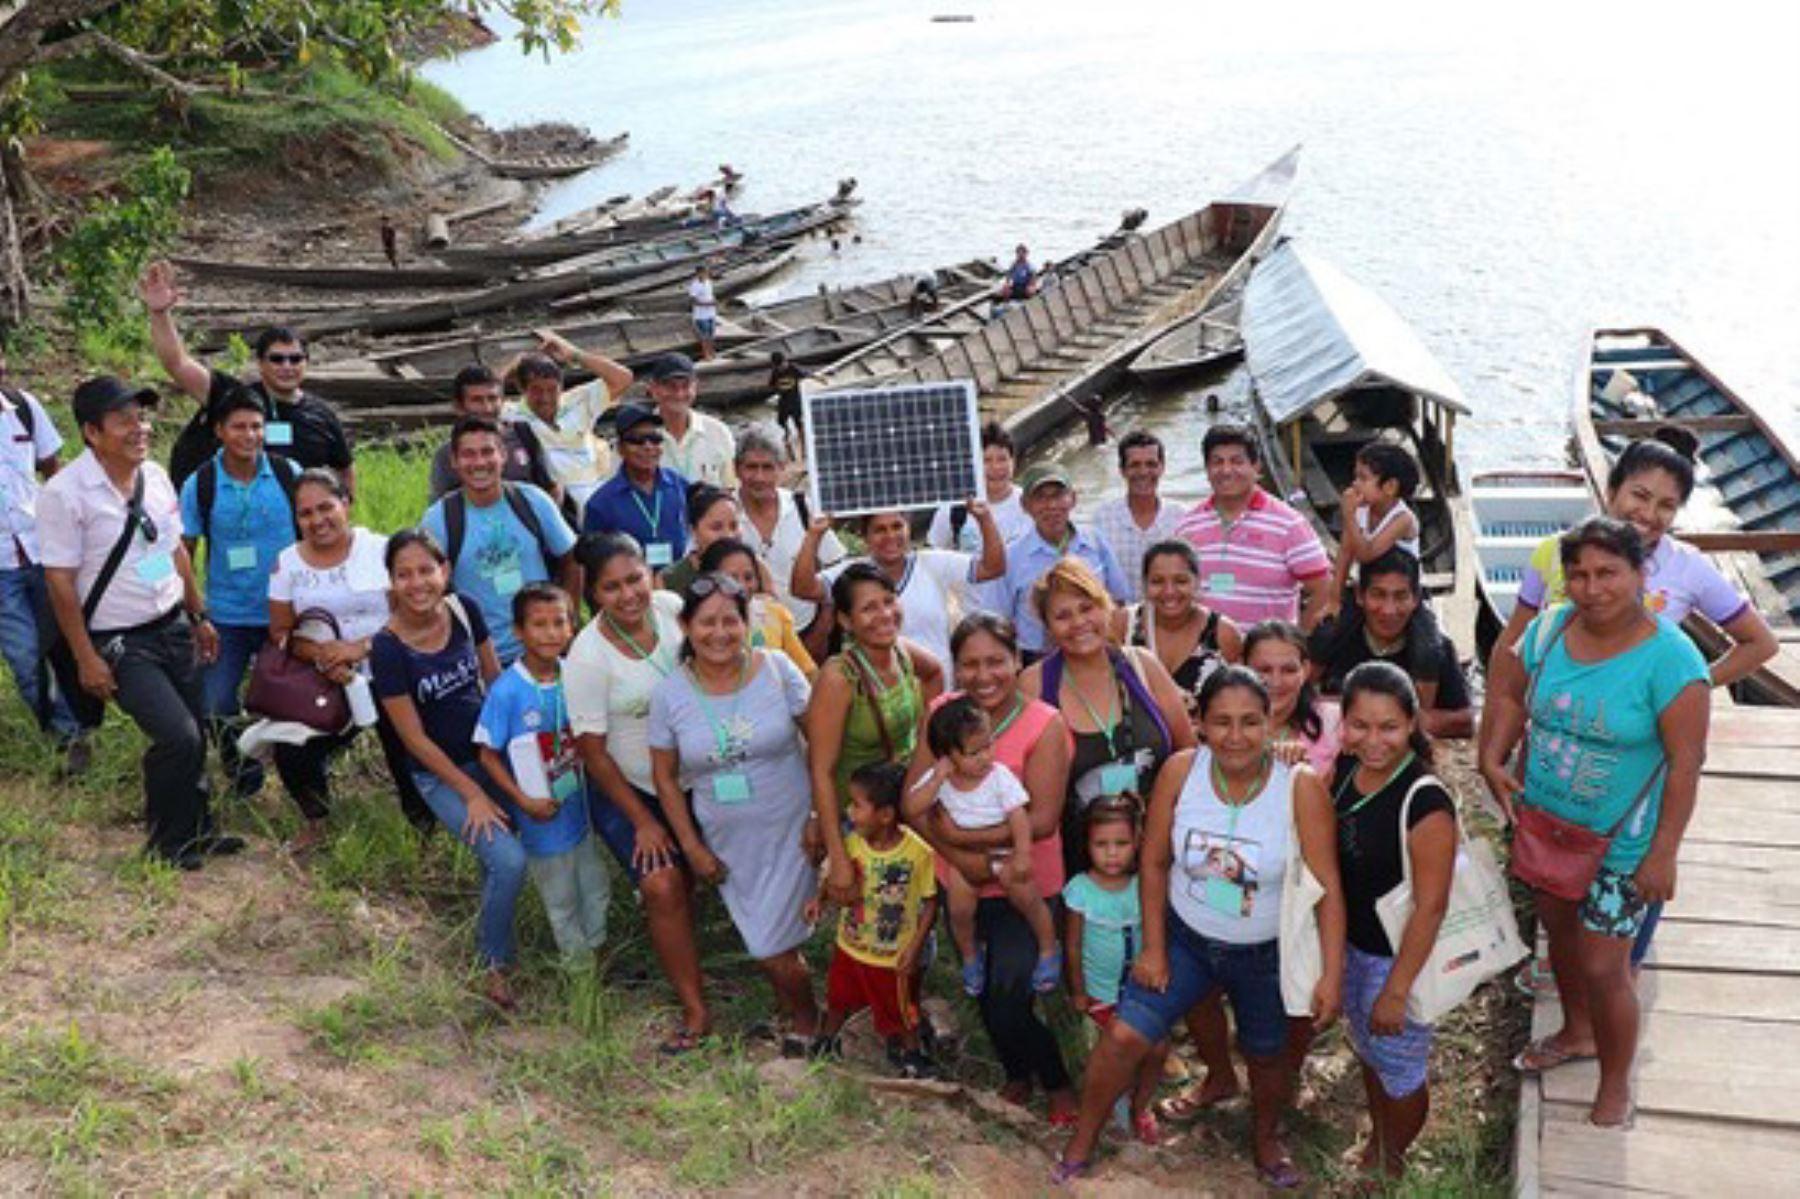 Pobladoras de Mazán (Loreto) aprenden sobre el uso, manejo y sostenibilidad de tecnologías limpias, como sistemas fotovoltaicos domésticos y cocinas mejoradas.